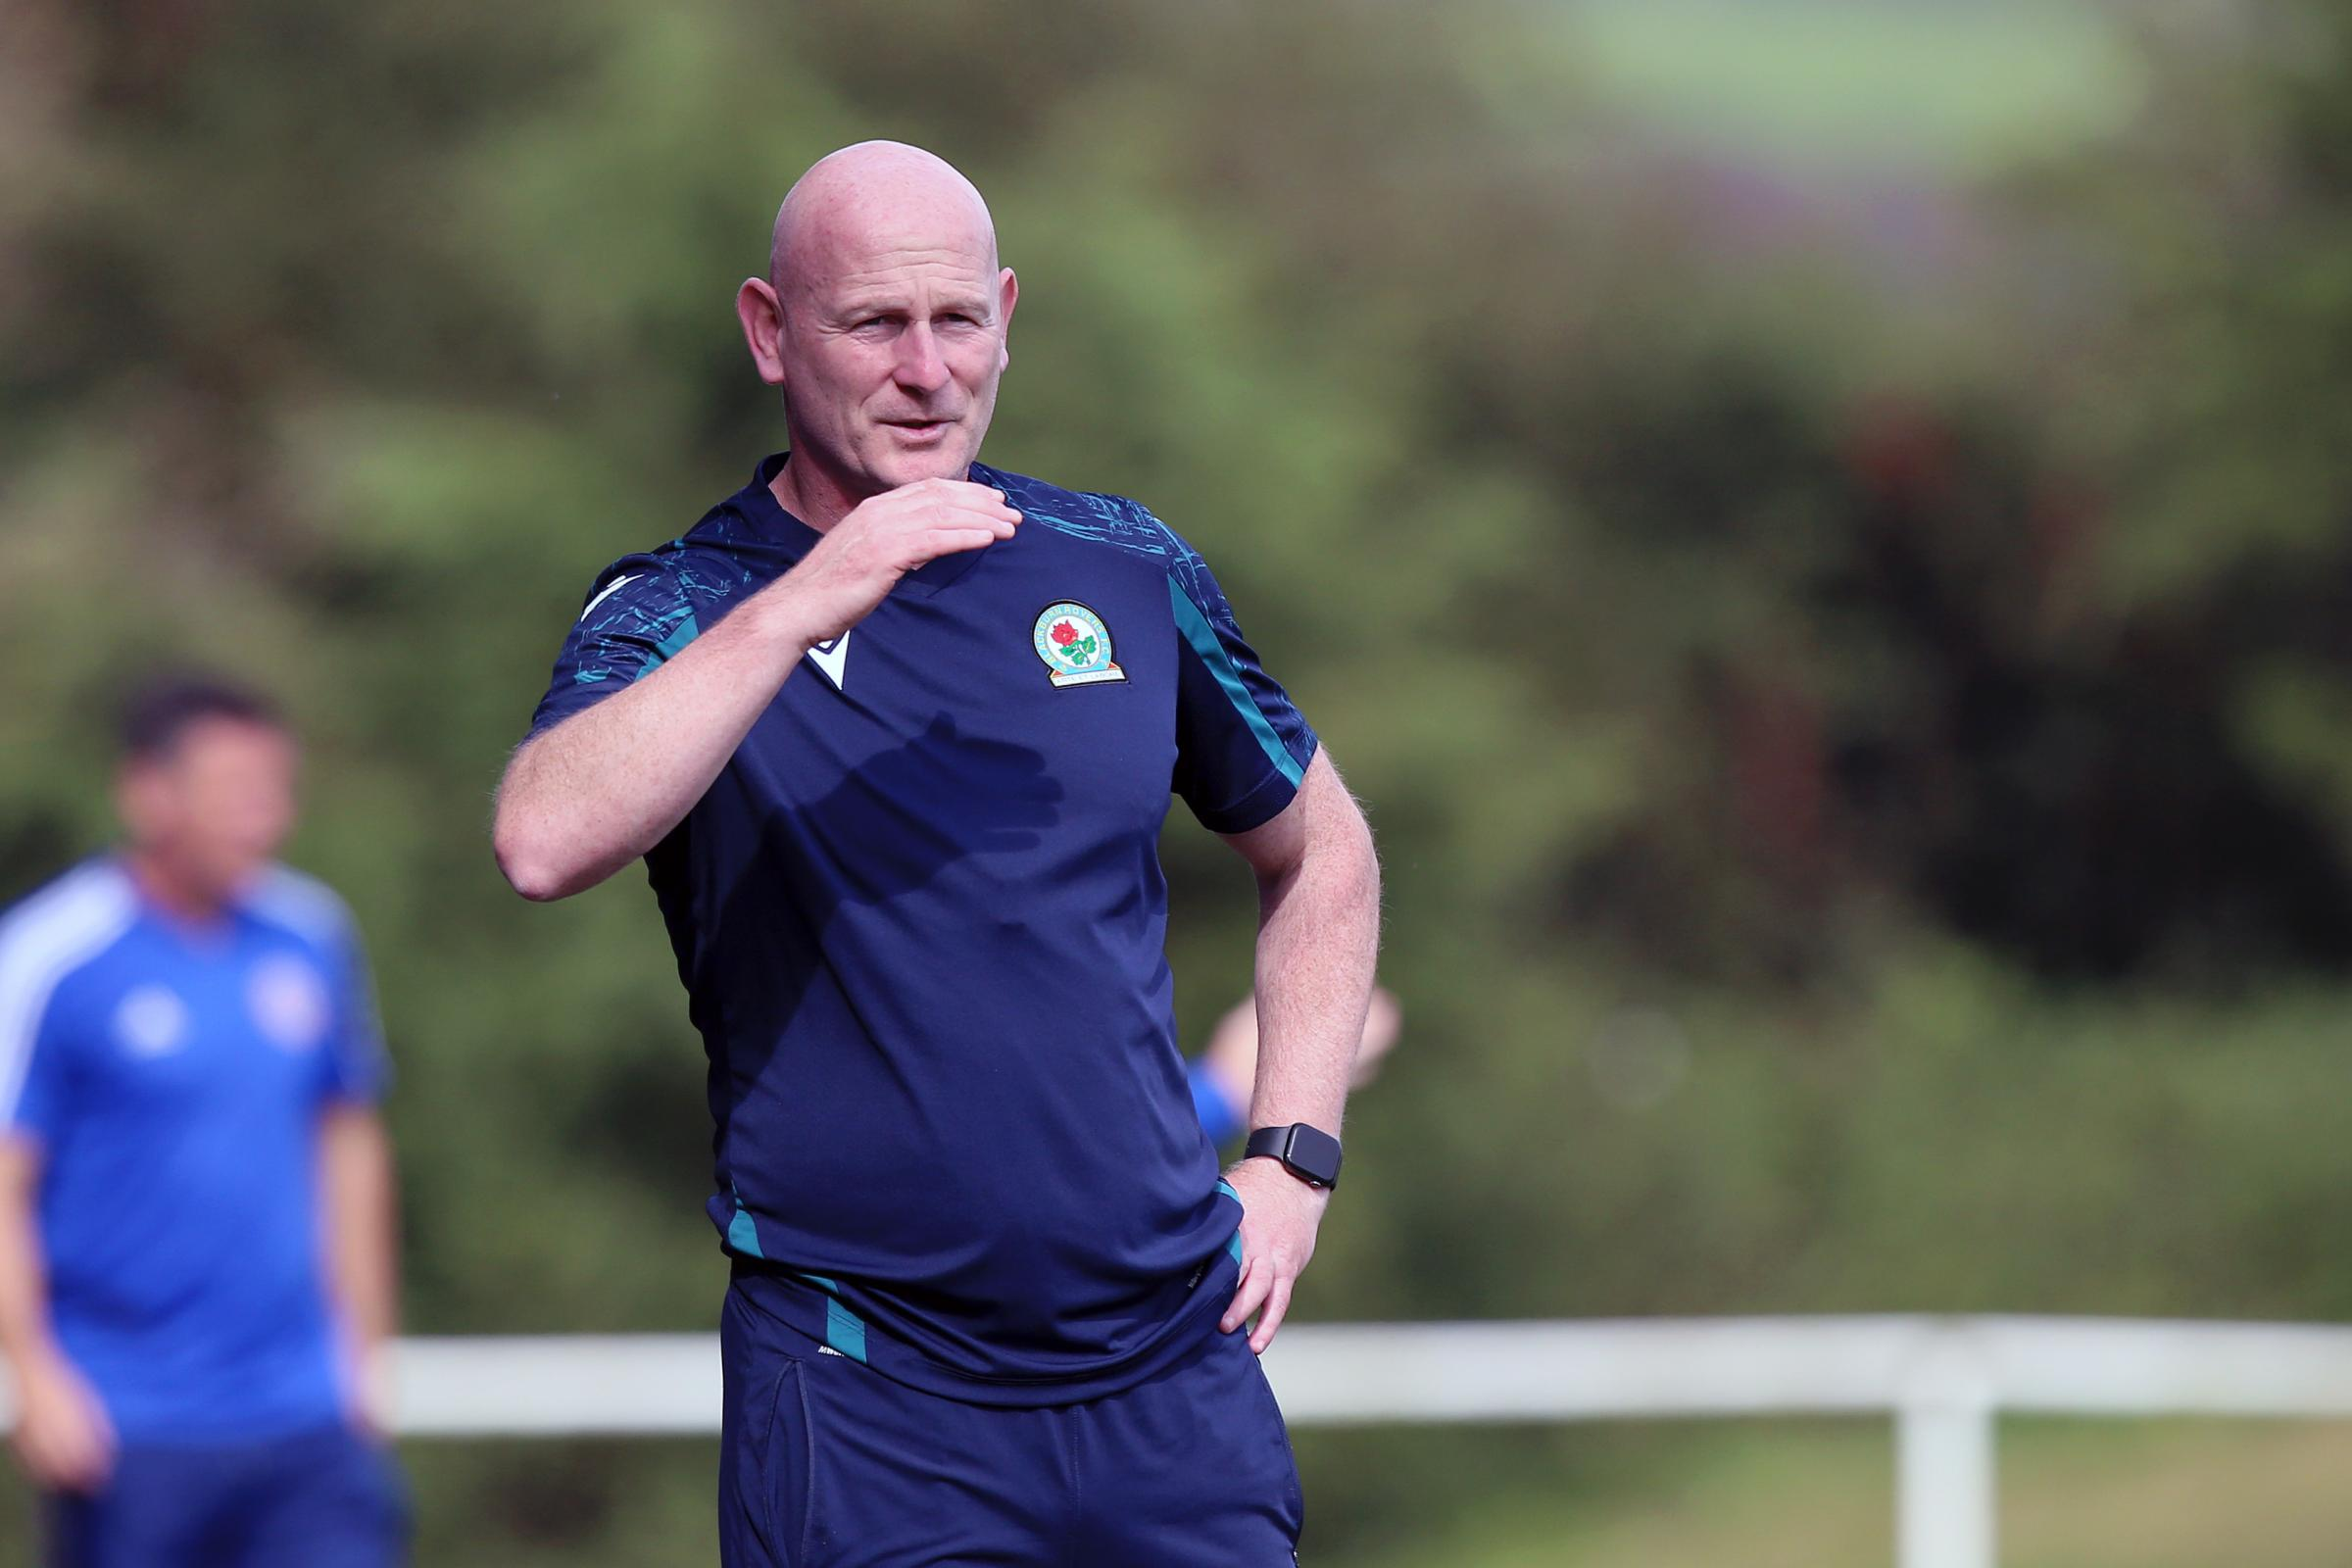 Blackburn Rovers venció al Chelsea en PL2 con Sam Burns en el objetivo